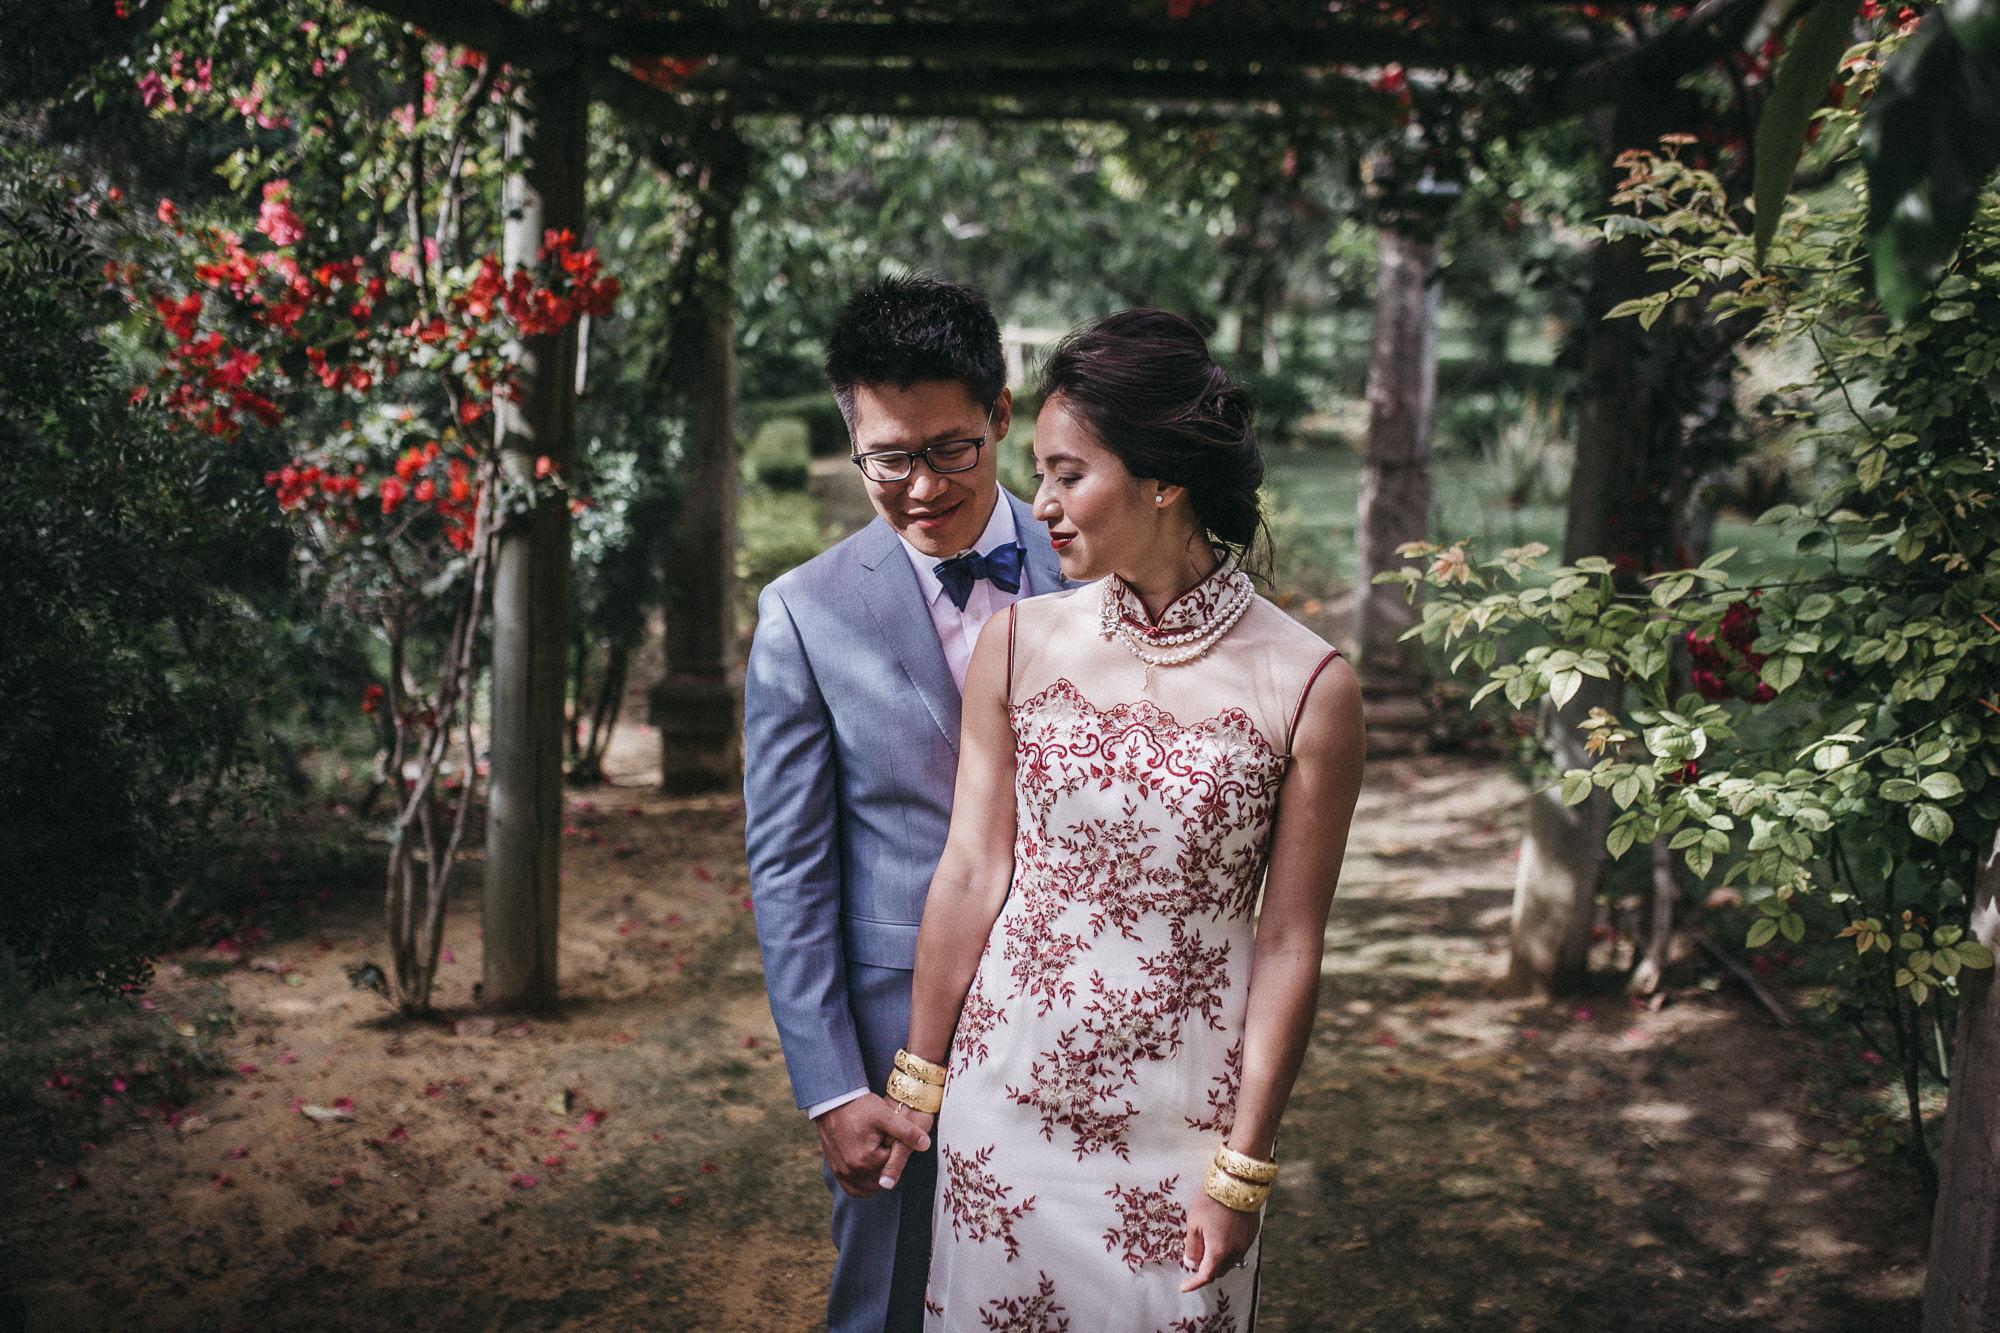 Fotografo de bodas españa serafin castillo wedding photographer spain 925.jpg